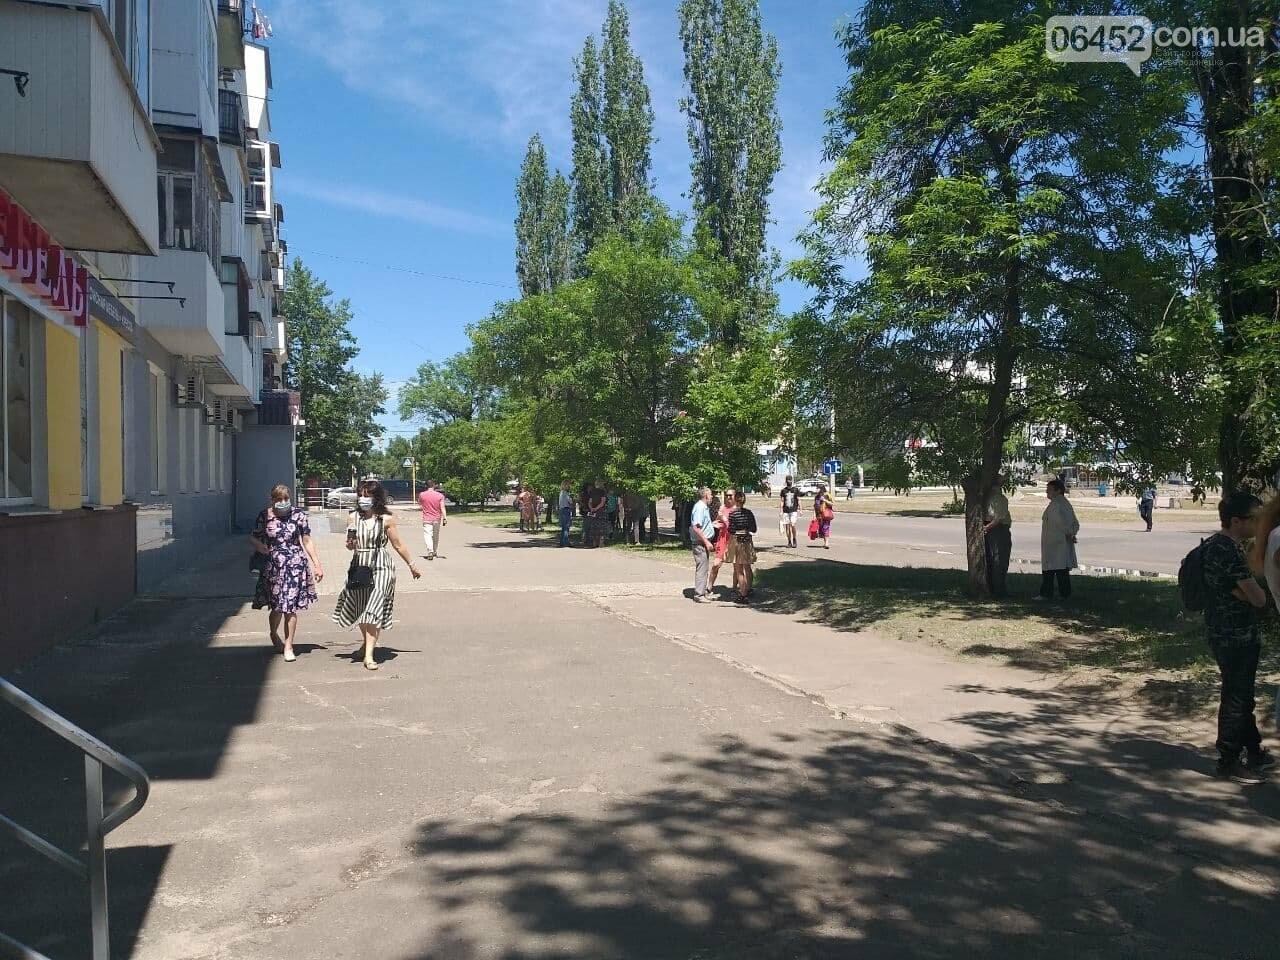 В Северодонецке неизвестный сообщил о минировании корпусов двух университетов (фото), фото-26